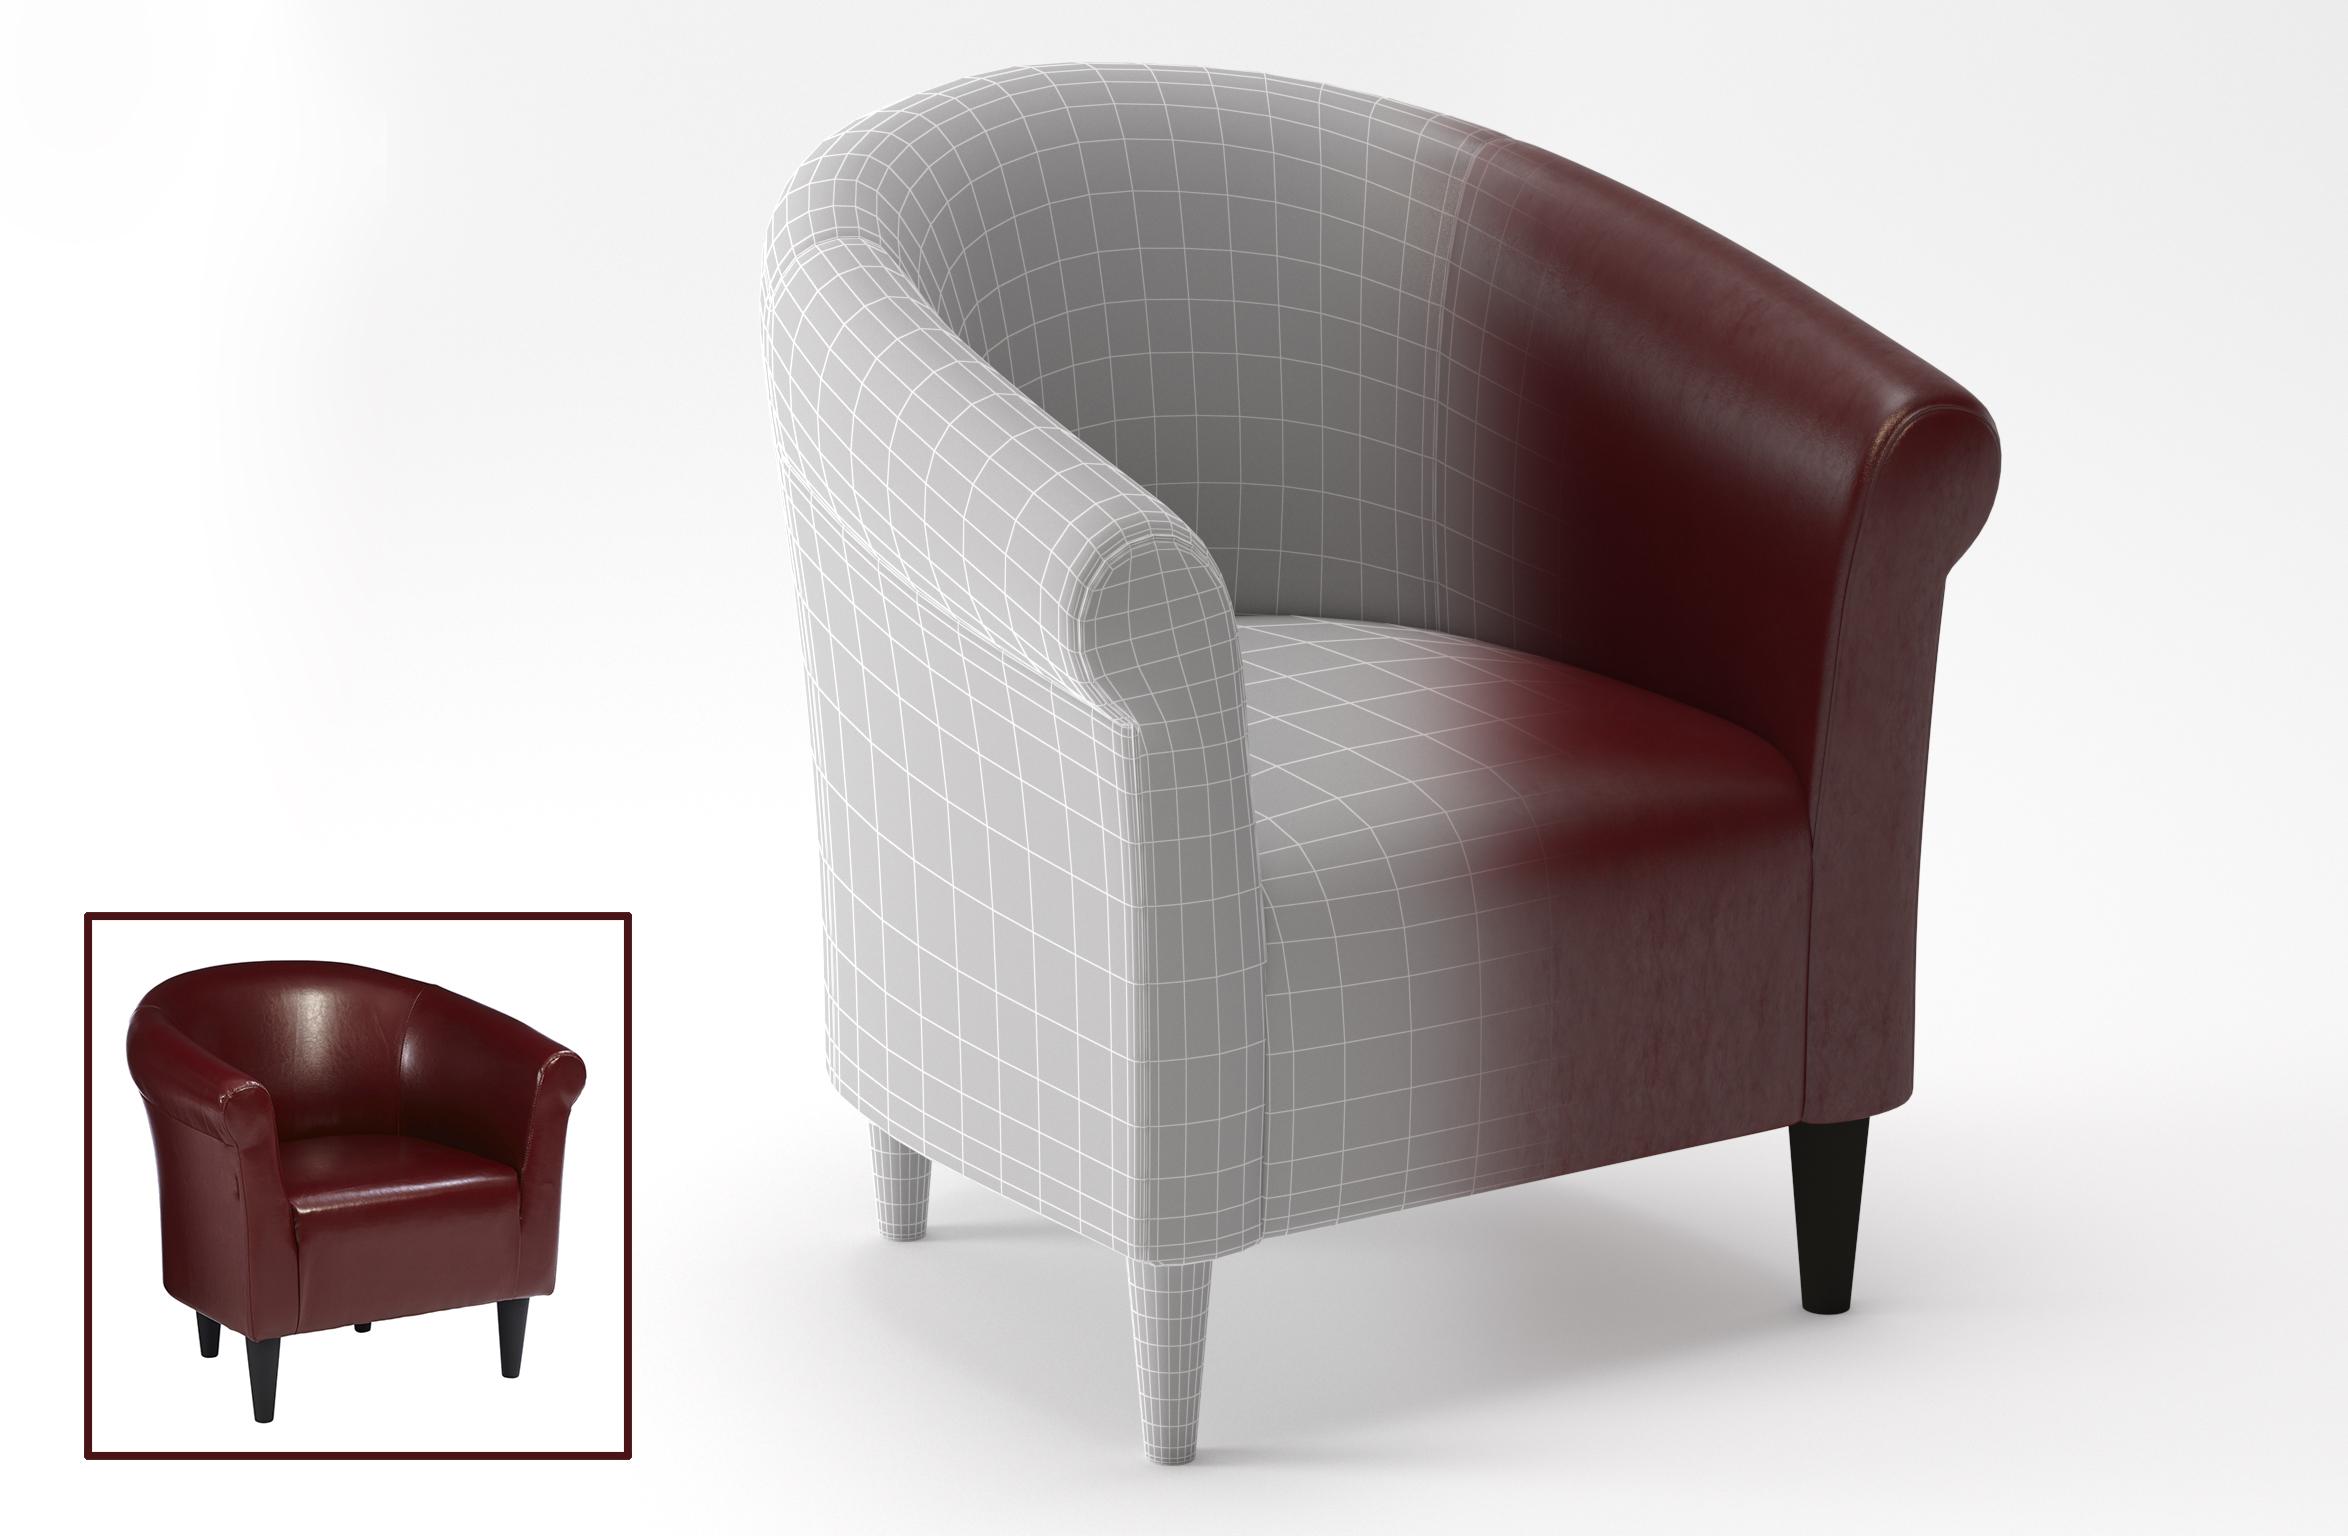 3D Furniture Modeling - 16